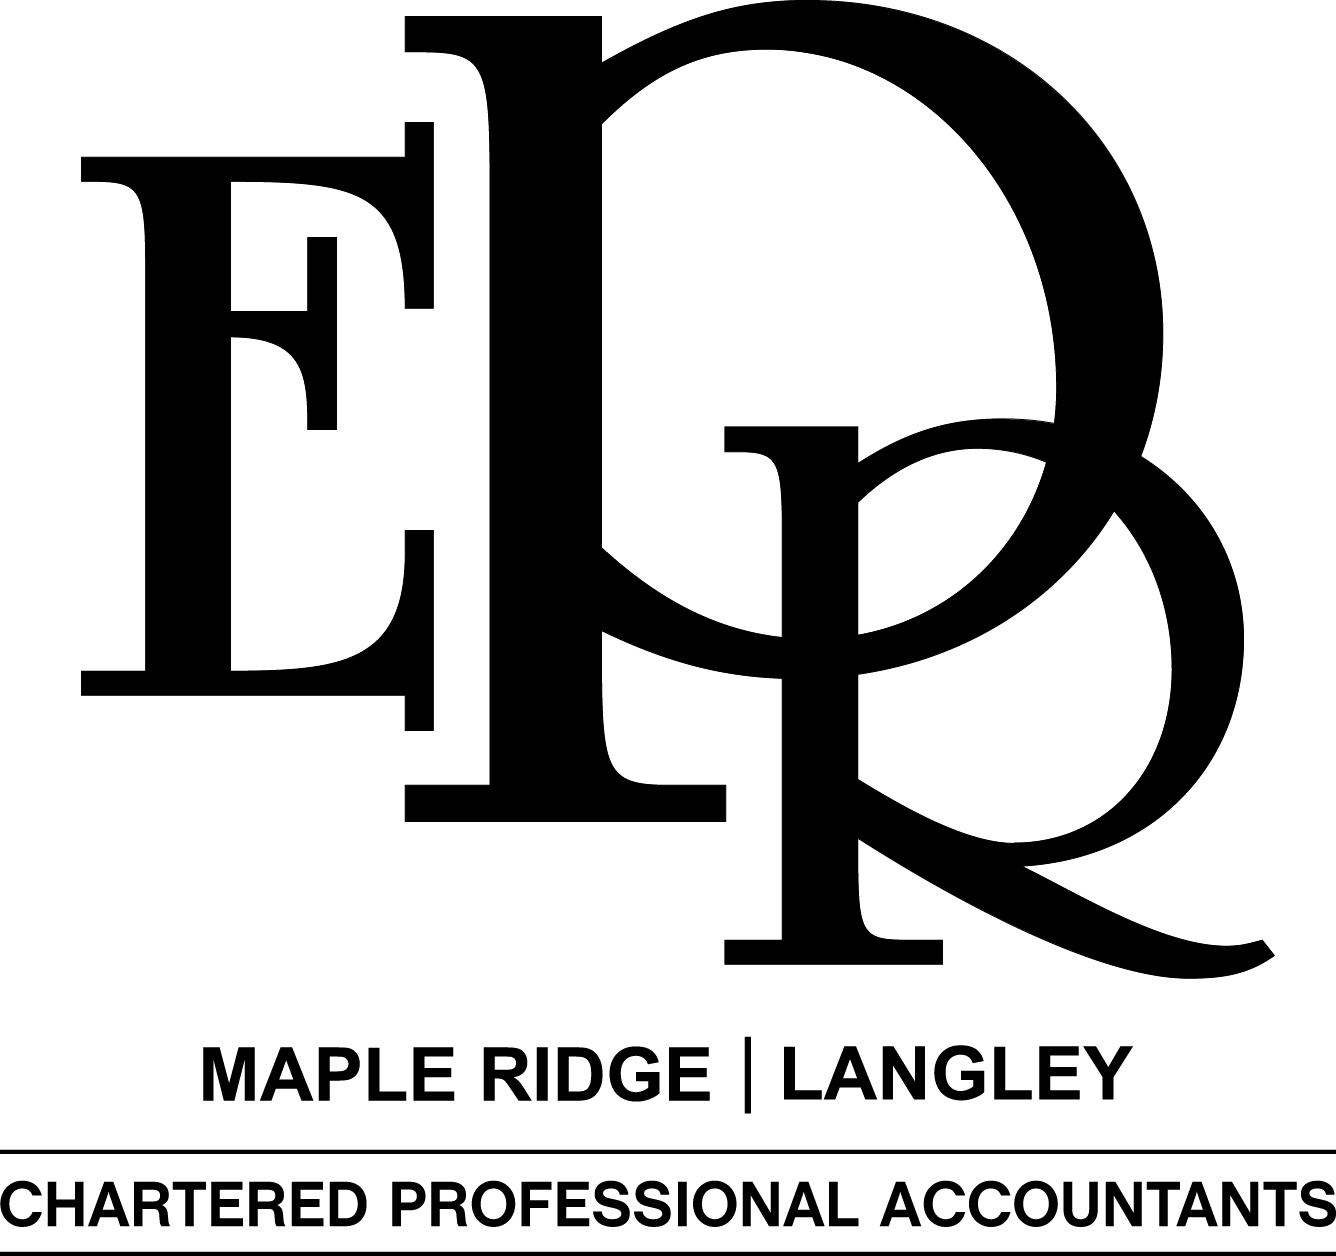 EPR Maple Ridge, Langley